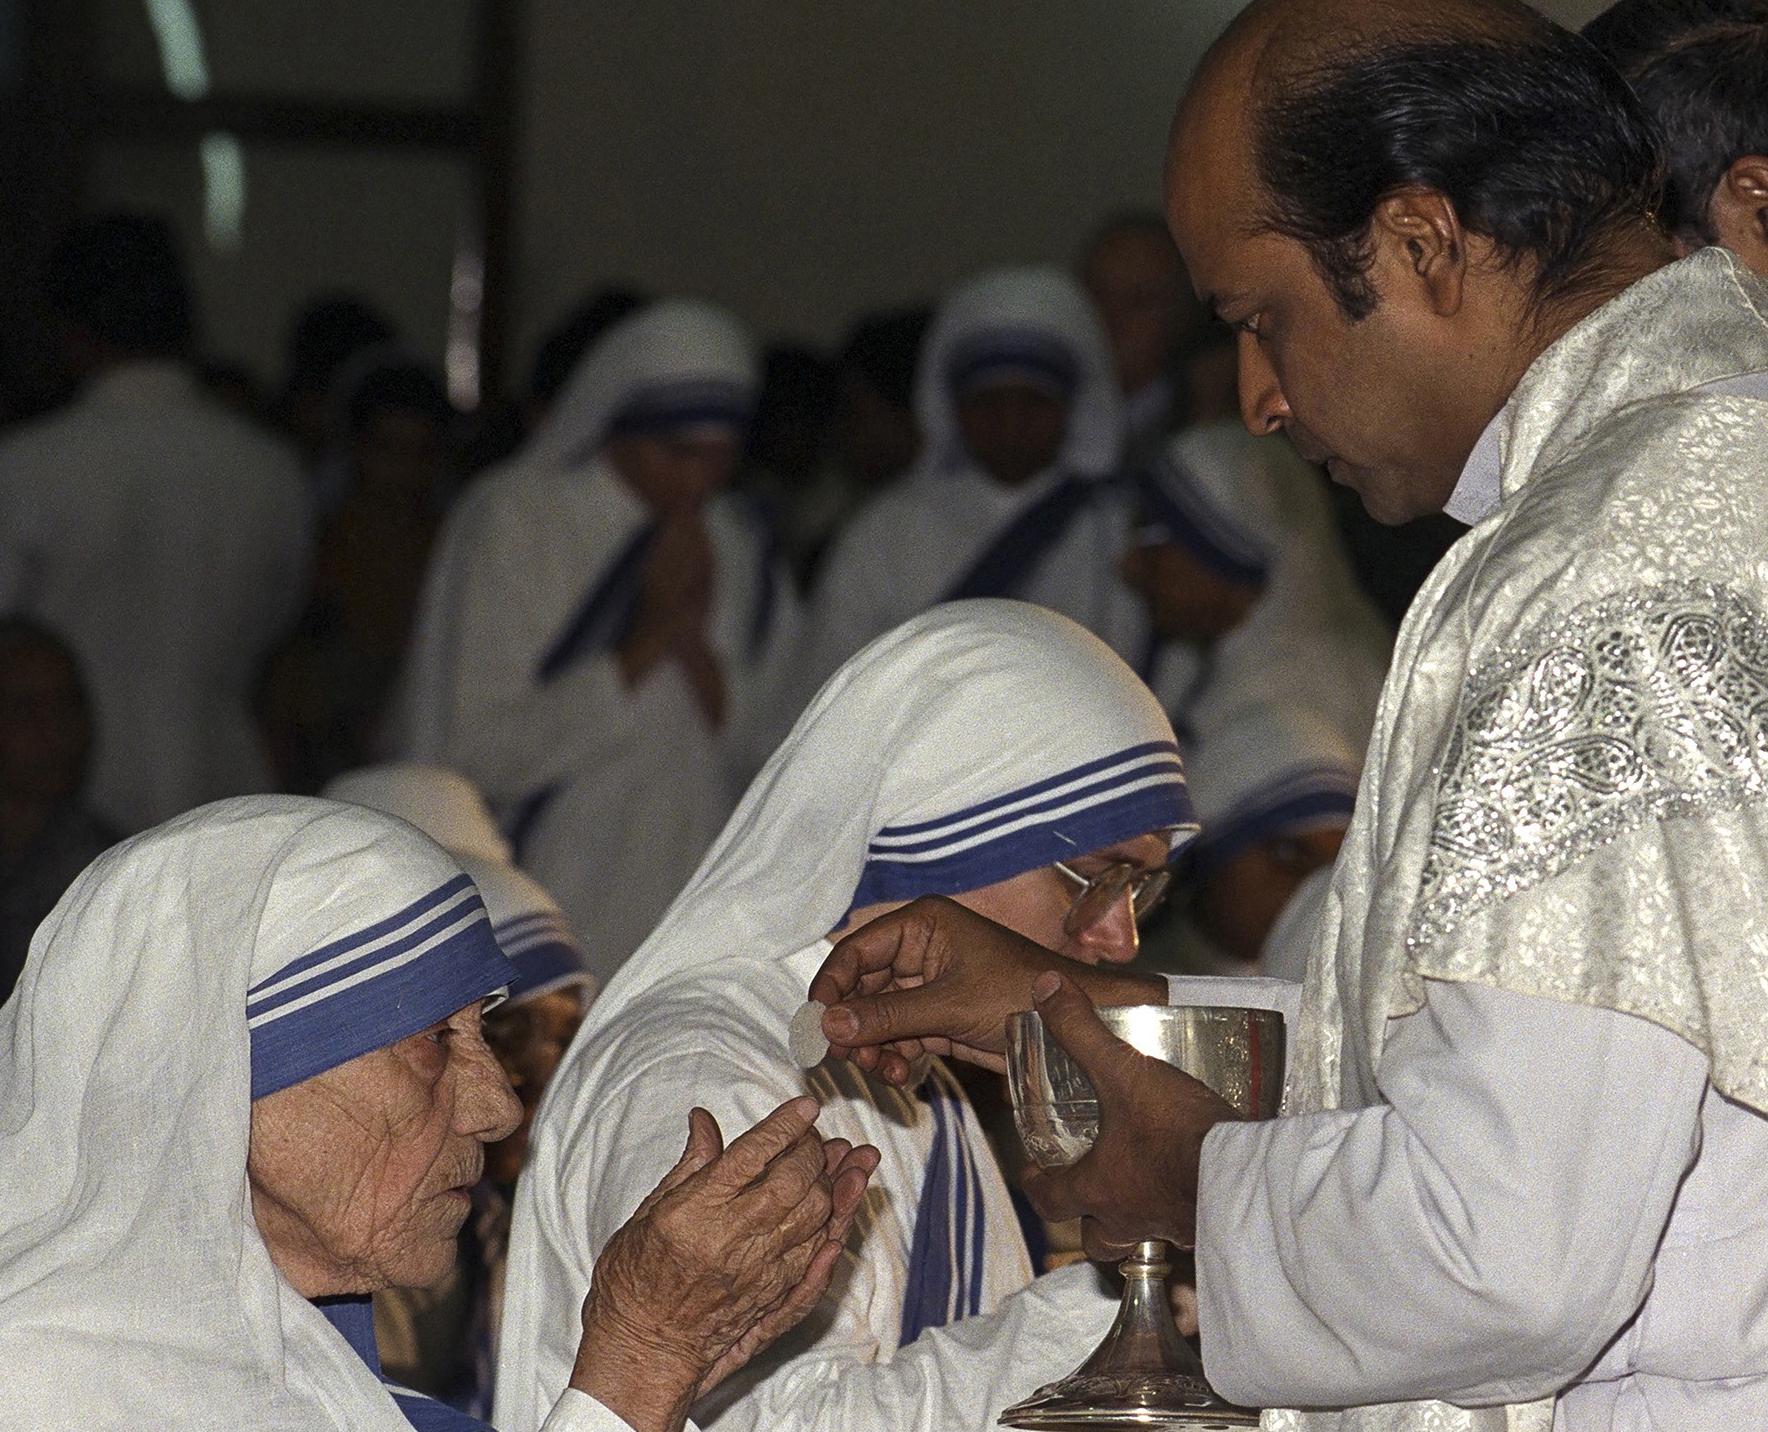 Un autre sacrilège ! Voyez ce que cette femme a fait avec l'Eucharistie… Mother-Teresa